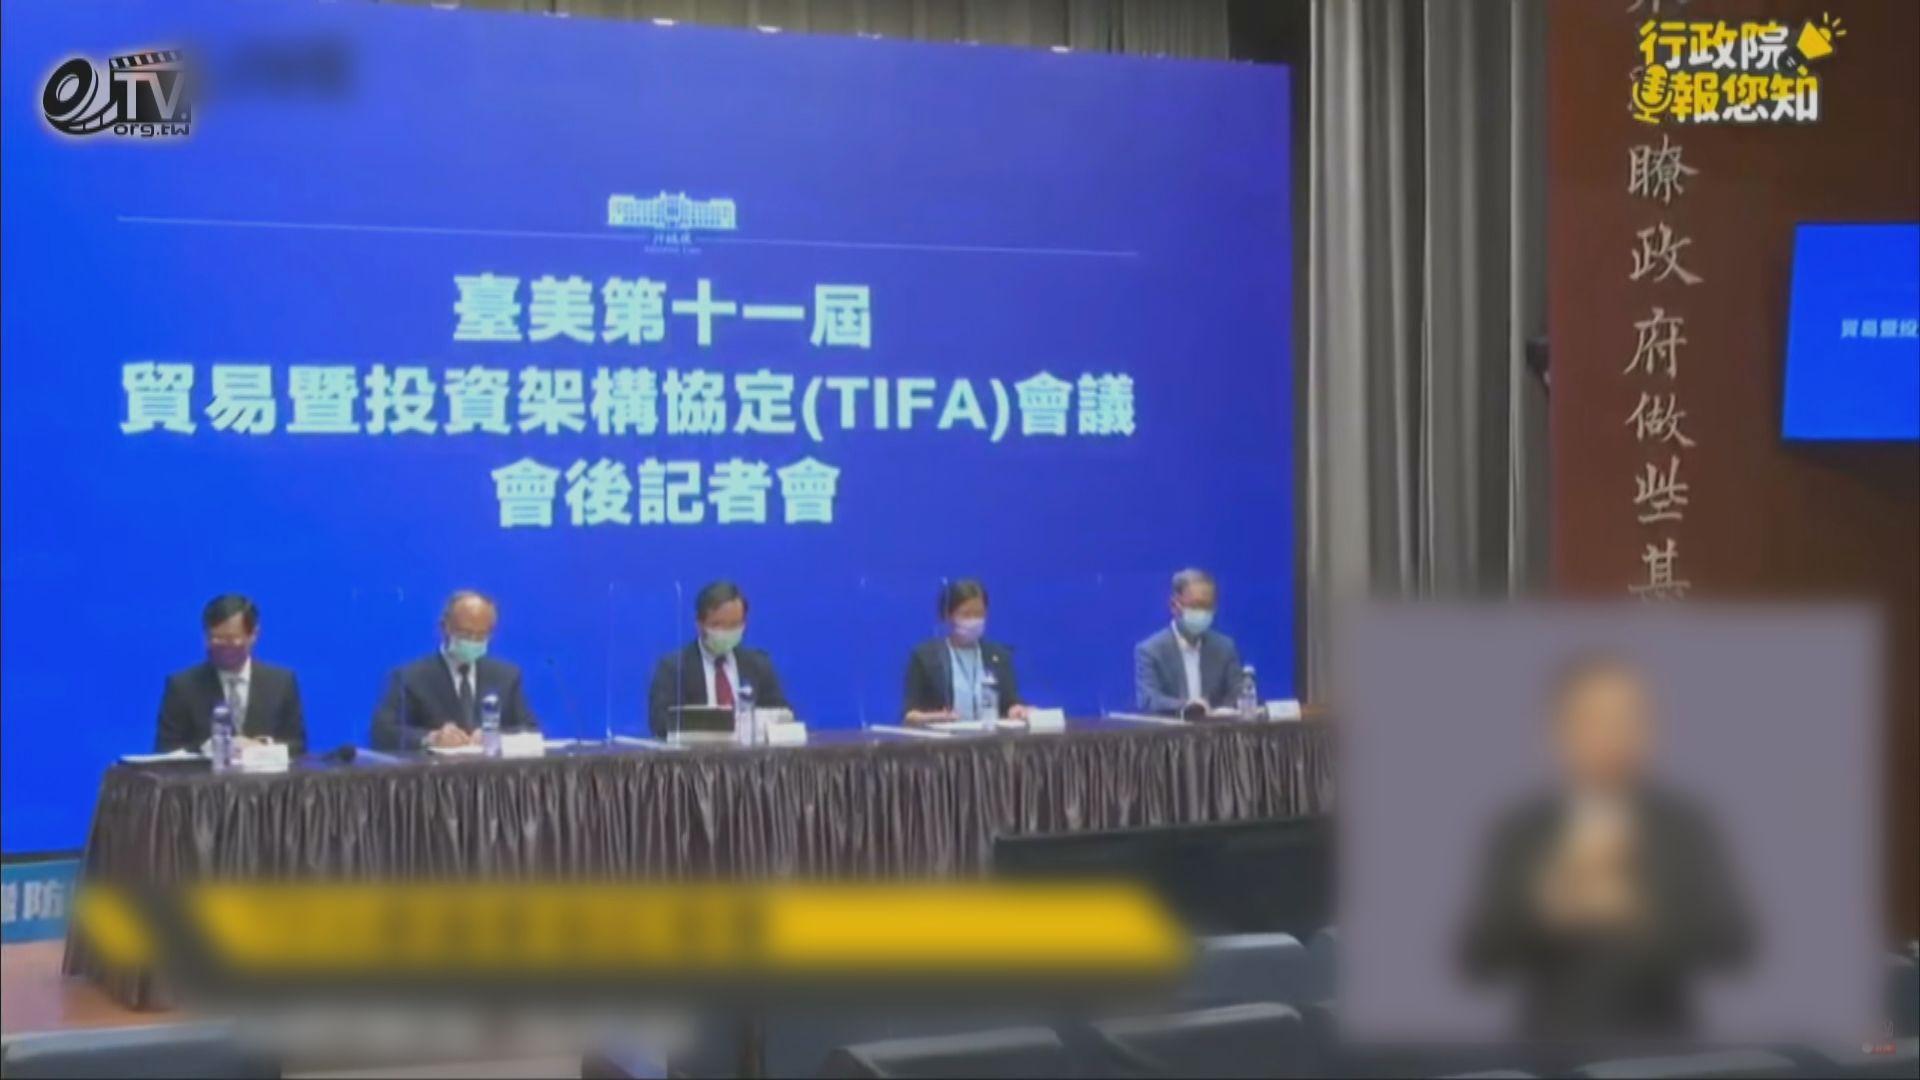 台美召開TIFA會議 台方提出洽商簽署自由貿易協定